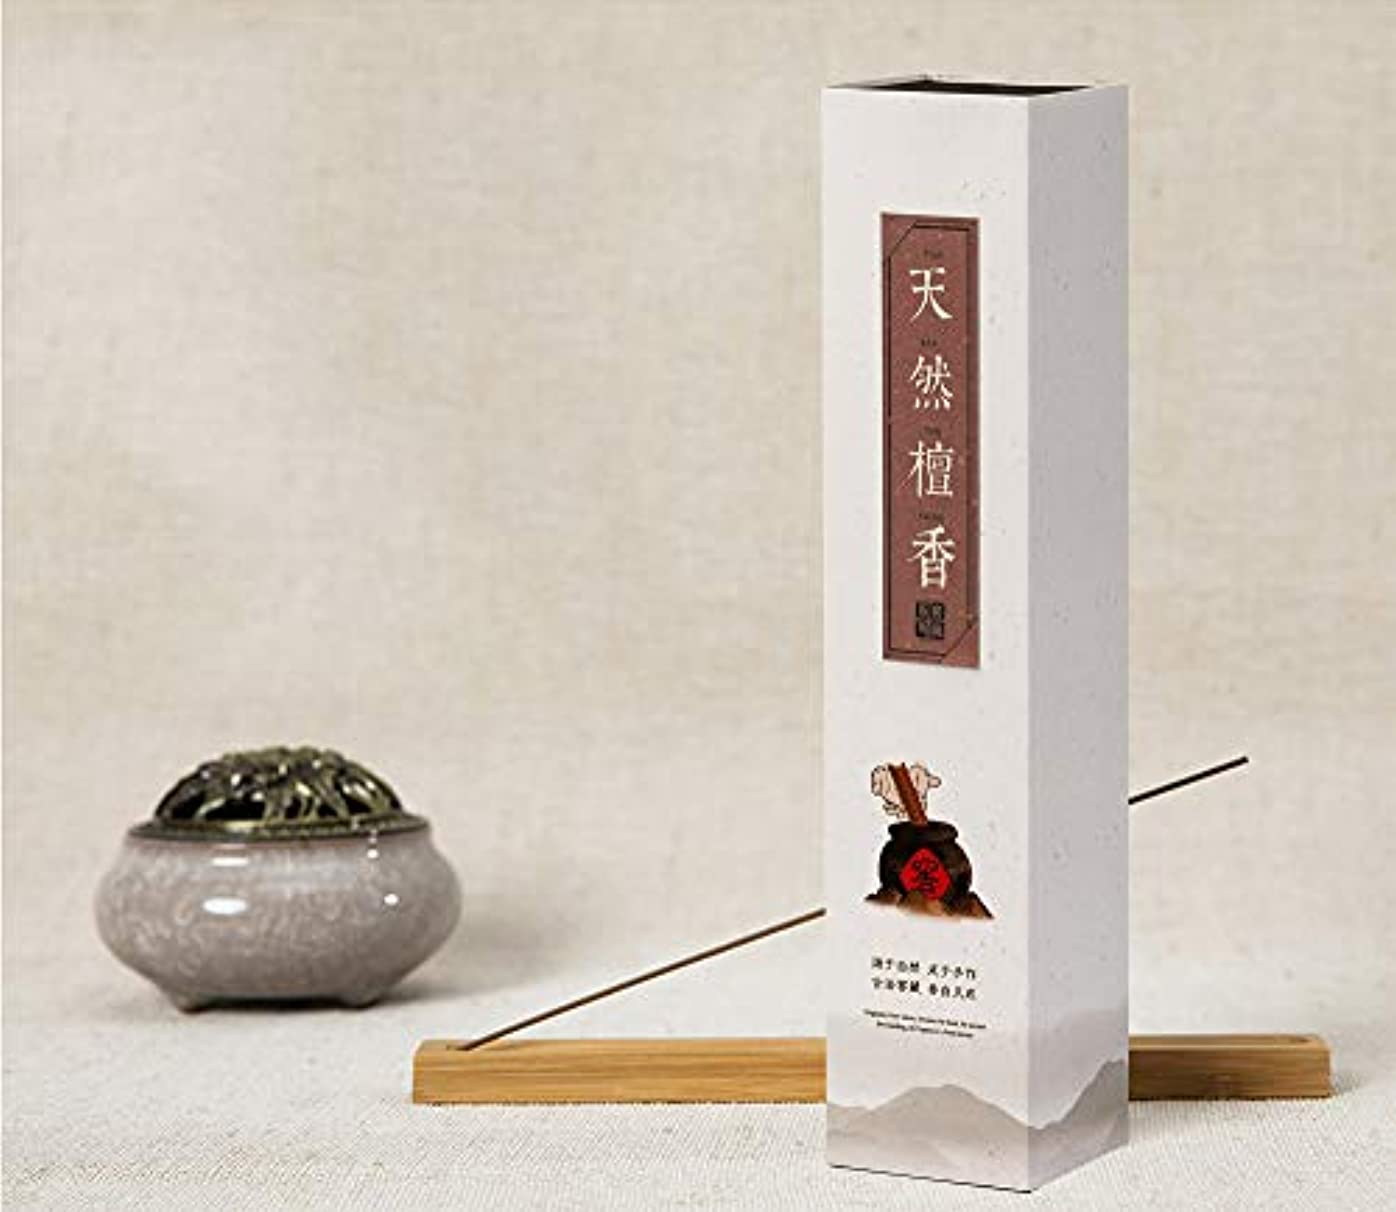 パーツ存在する降ろすHwaGui - お線香 天然檀香 インセンス 香るスティック 養心安神 お香ギフト 21cm 0.75時間